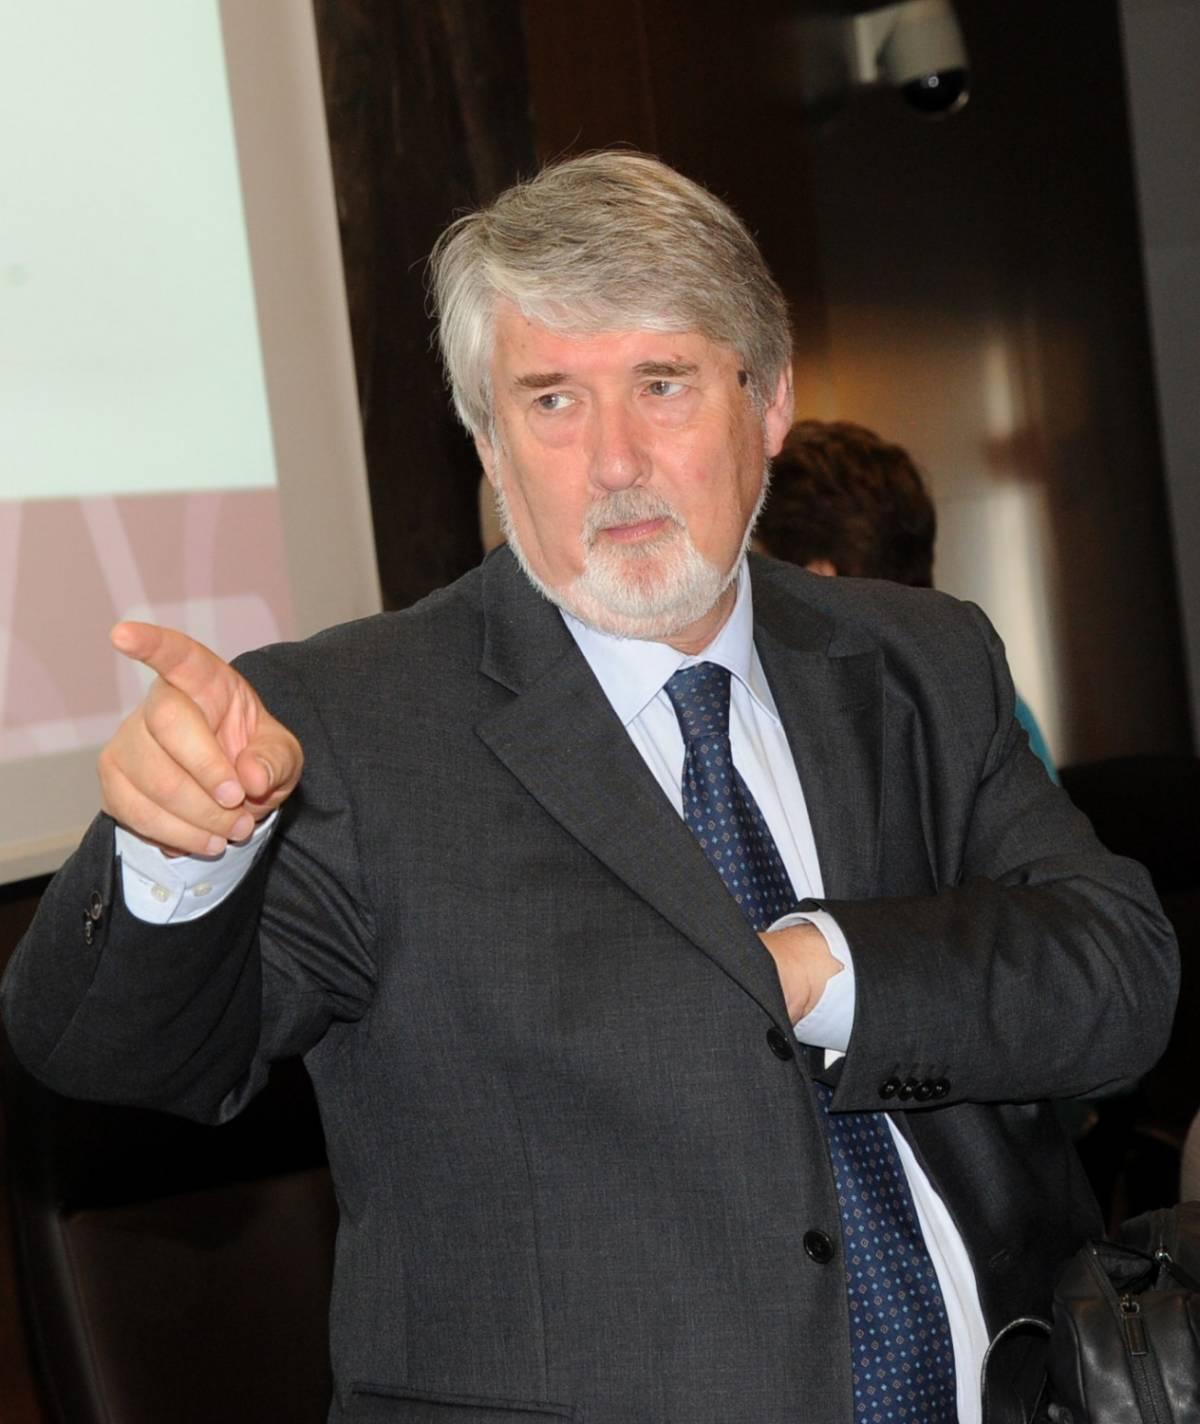 Poletti jr. non emigra: lavora nel feudo di papà e prende soldi pubblici